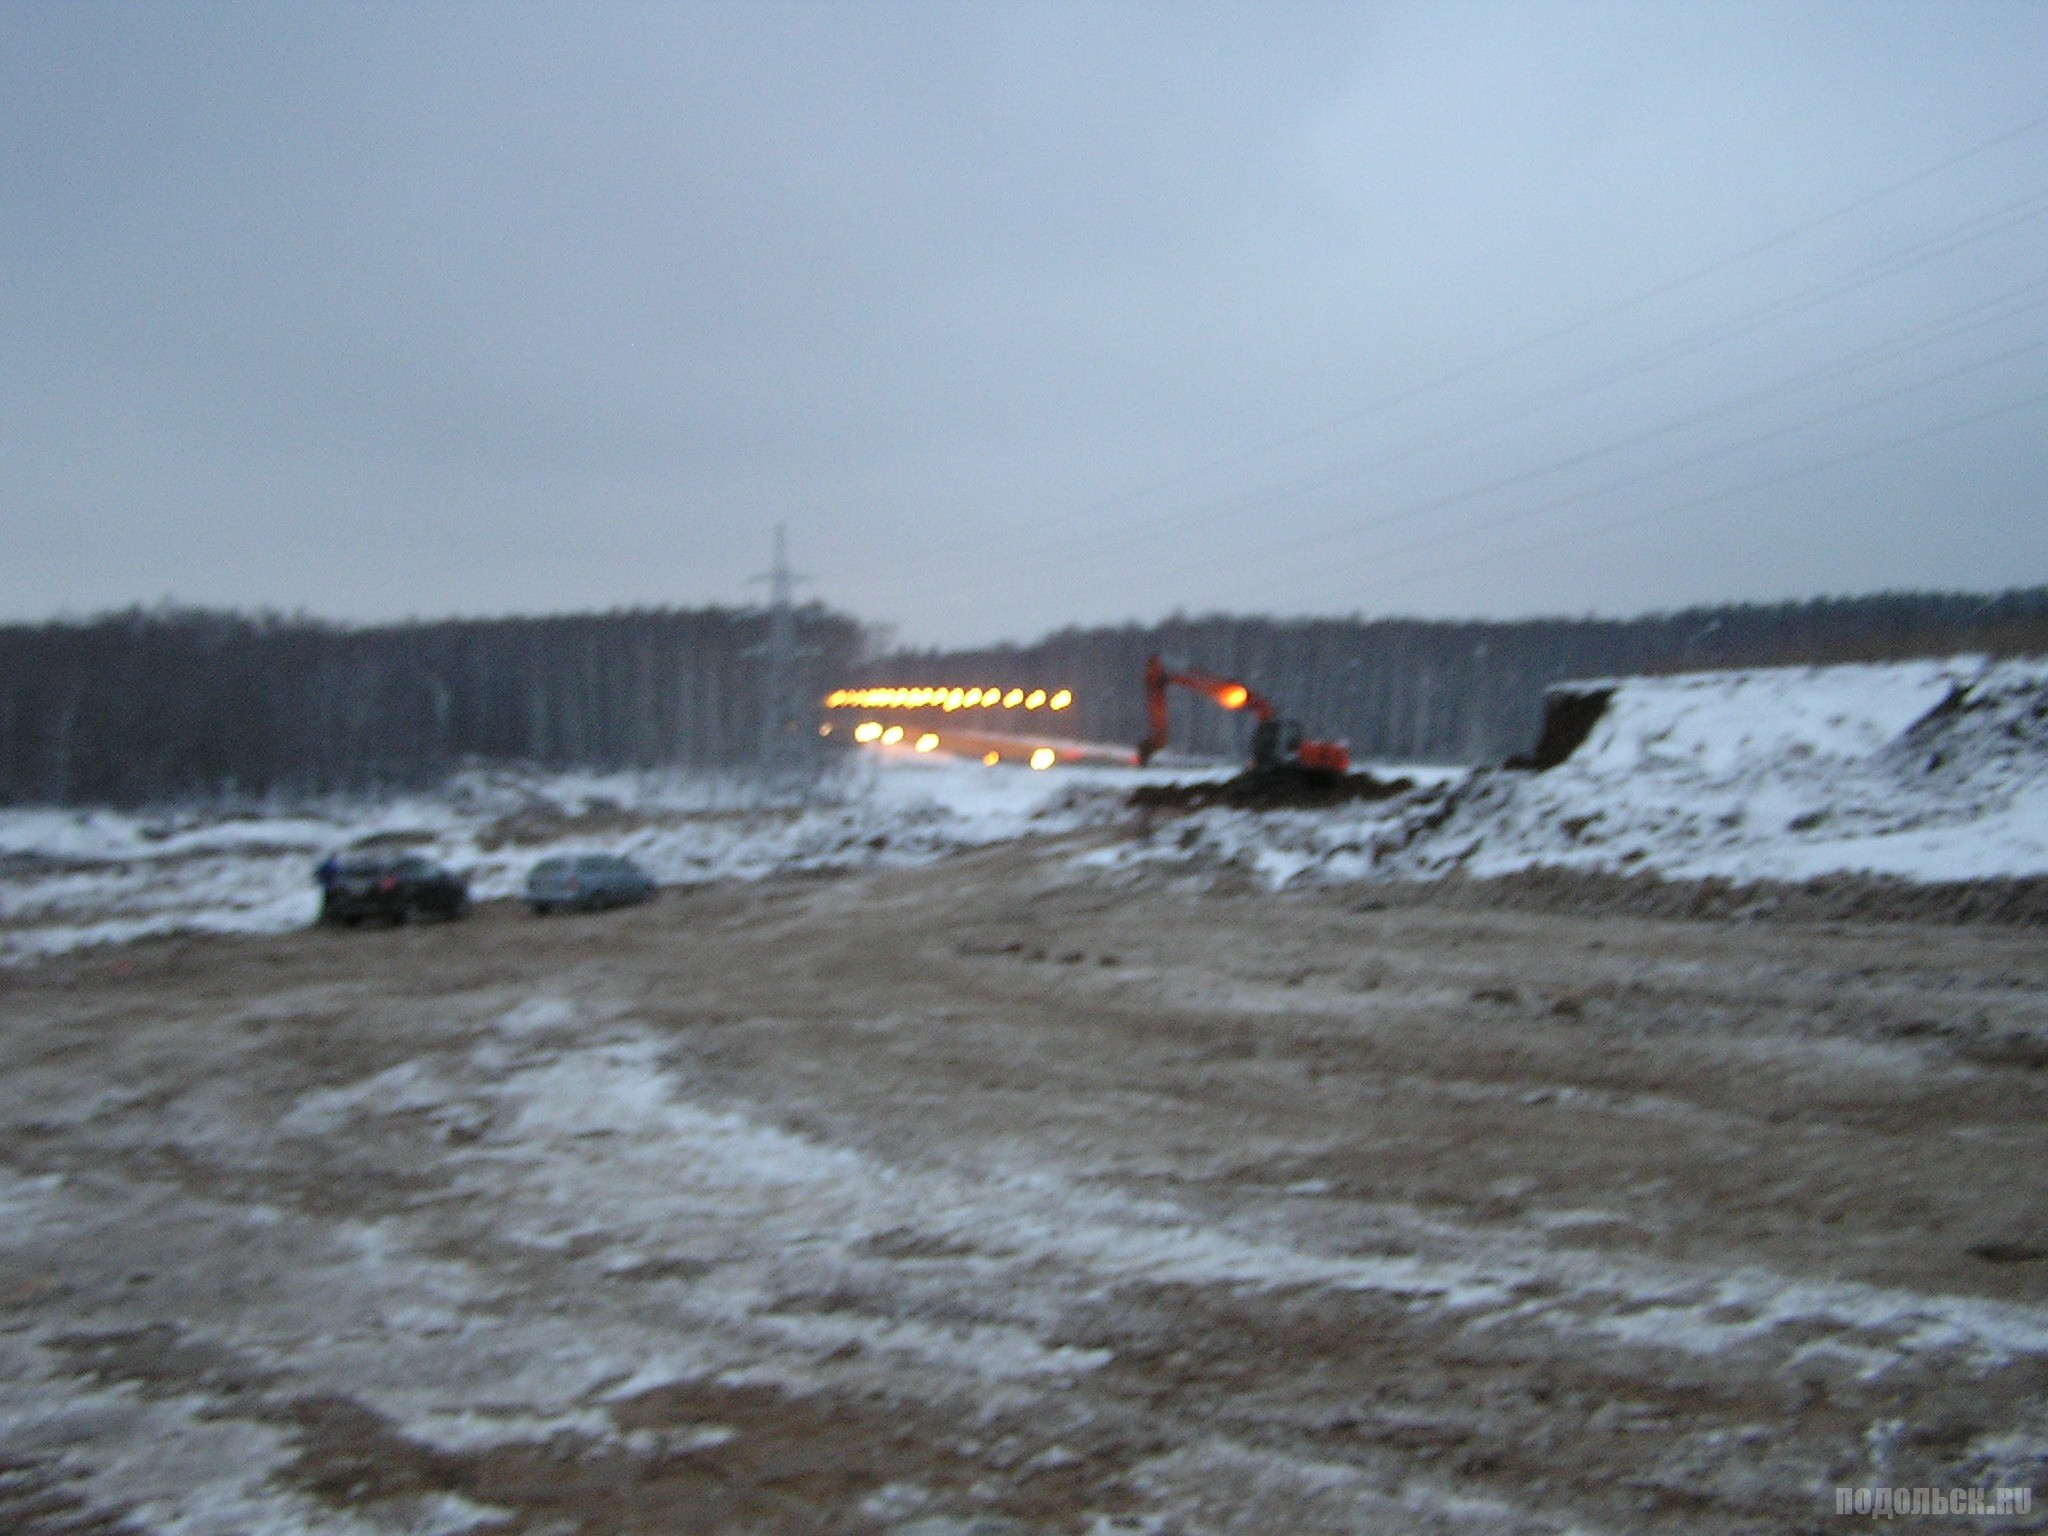 Вид на ЮО с поля в Сергеевке. 3 декабря 2016 г.